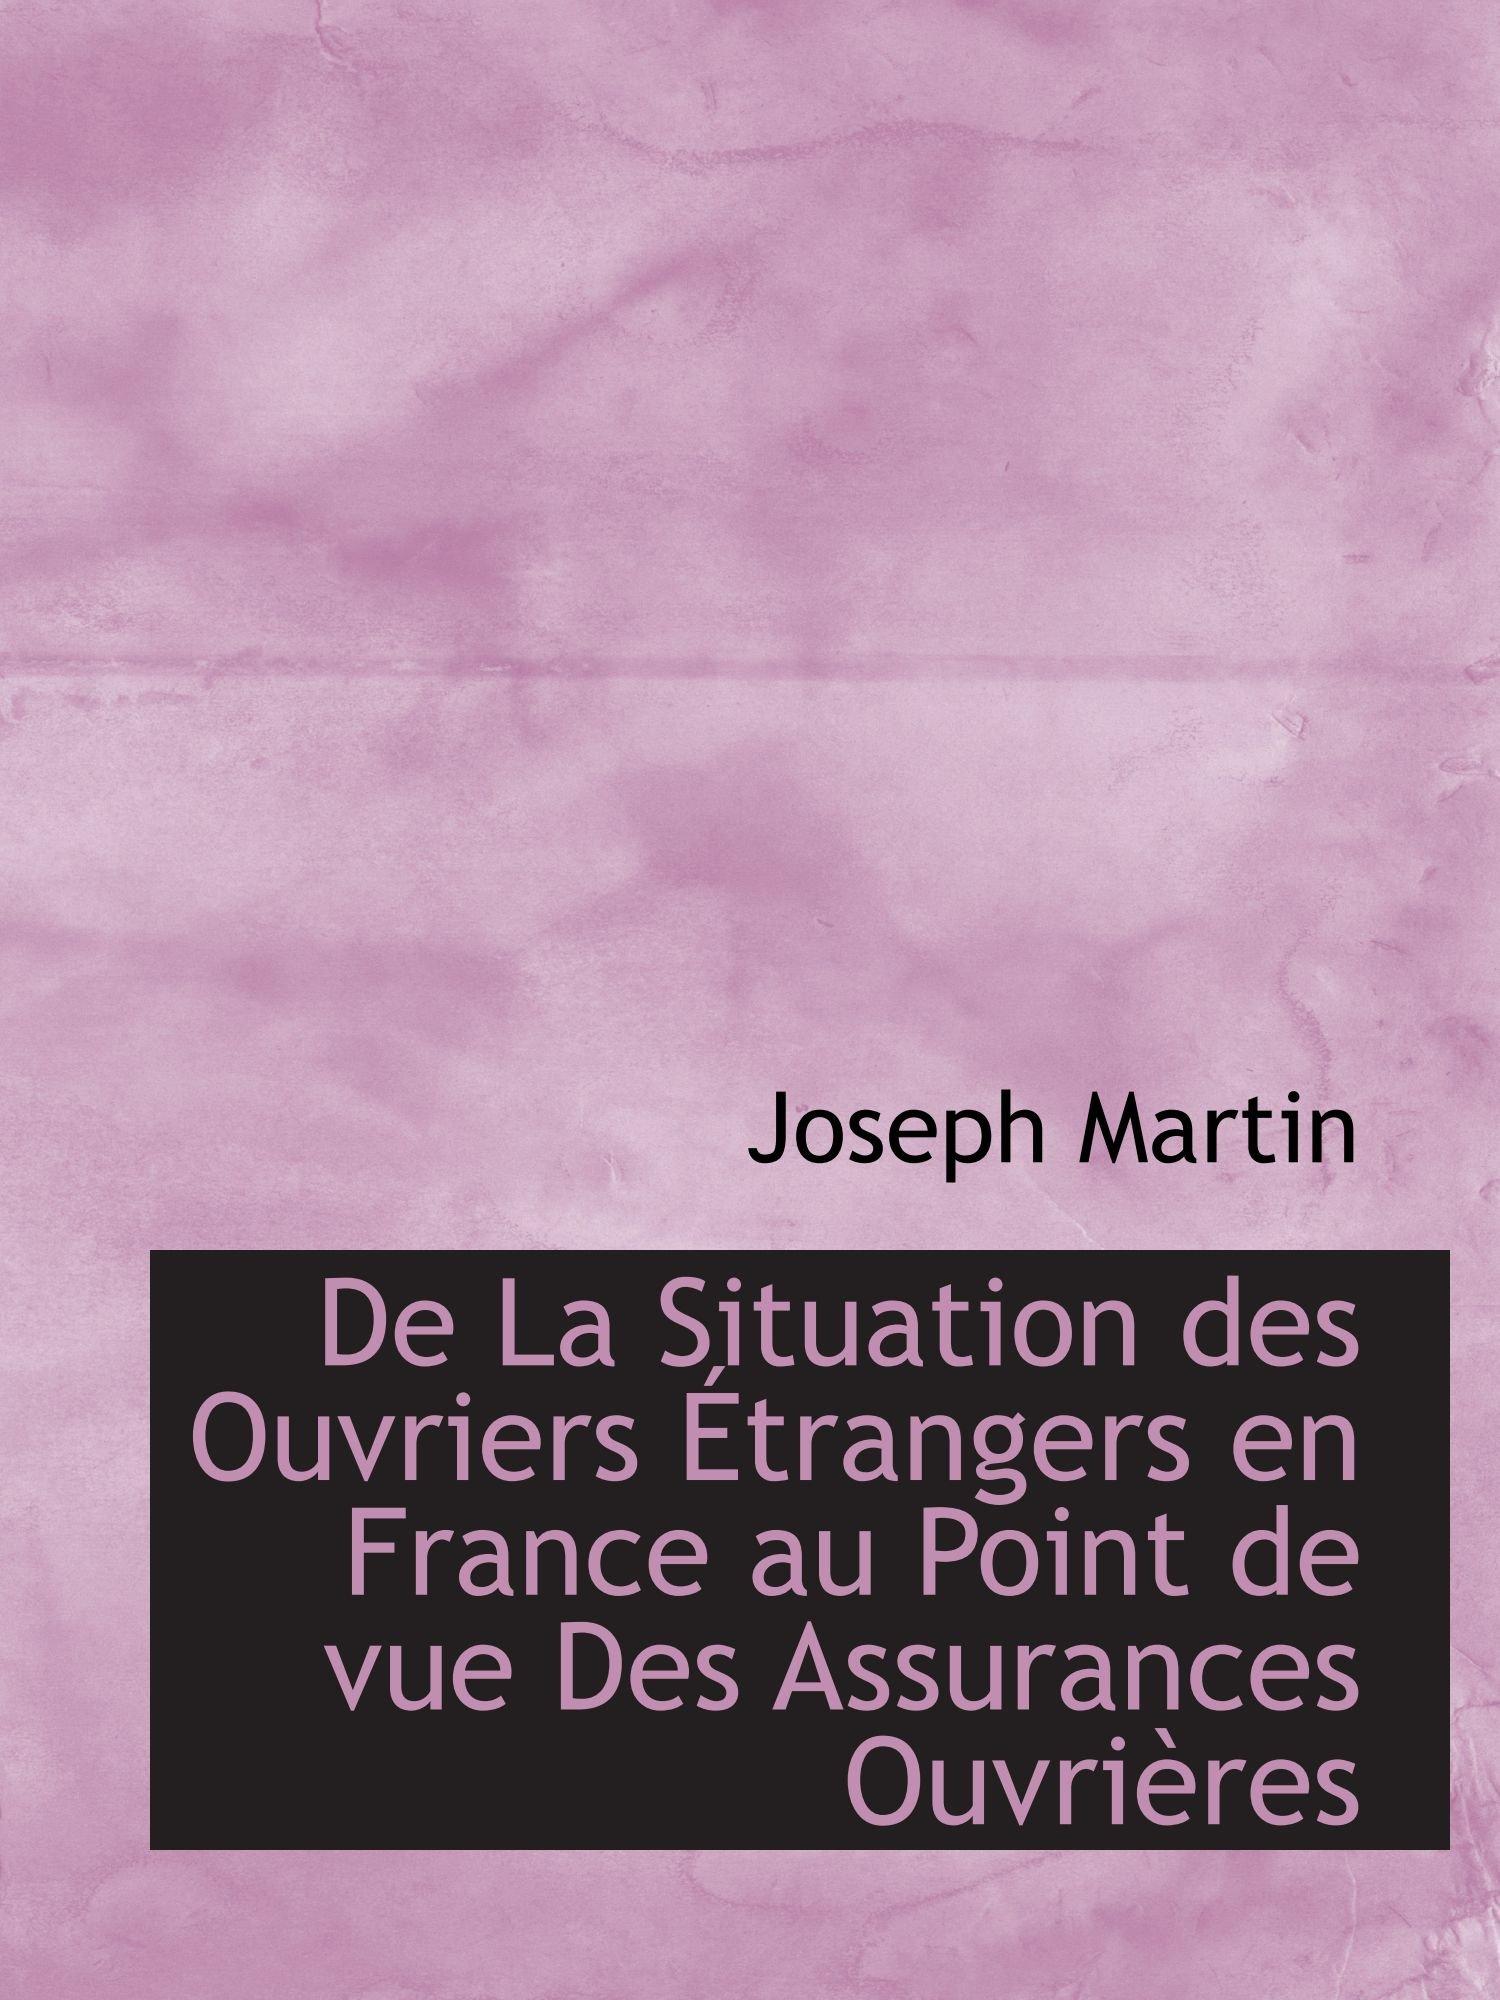 De La Situation des Ouvriers Étrangers en France au Point de vue Des Assurances Ouvrières PDF